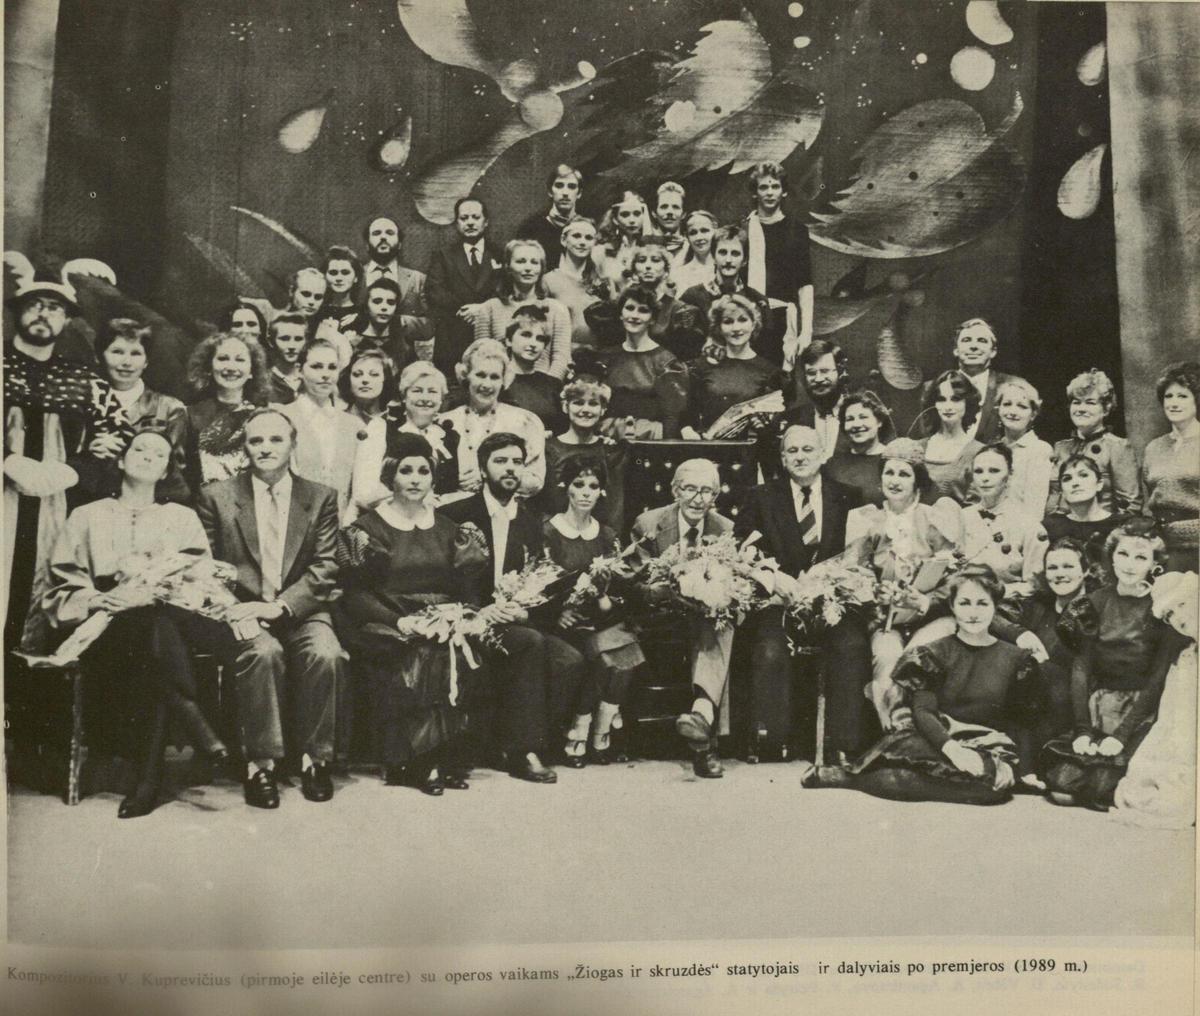 Kauno valstybinis muzikinis teatras, 1990 m.